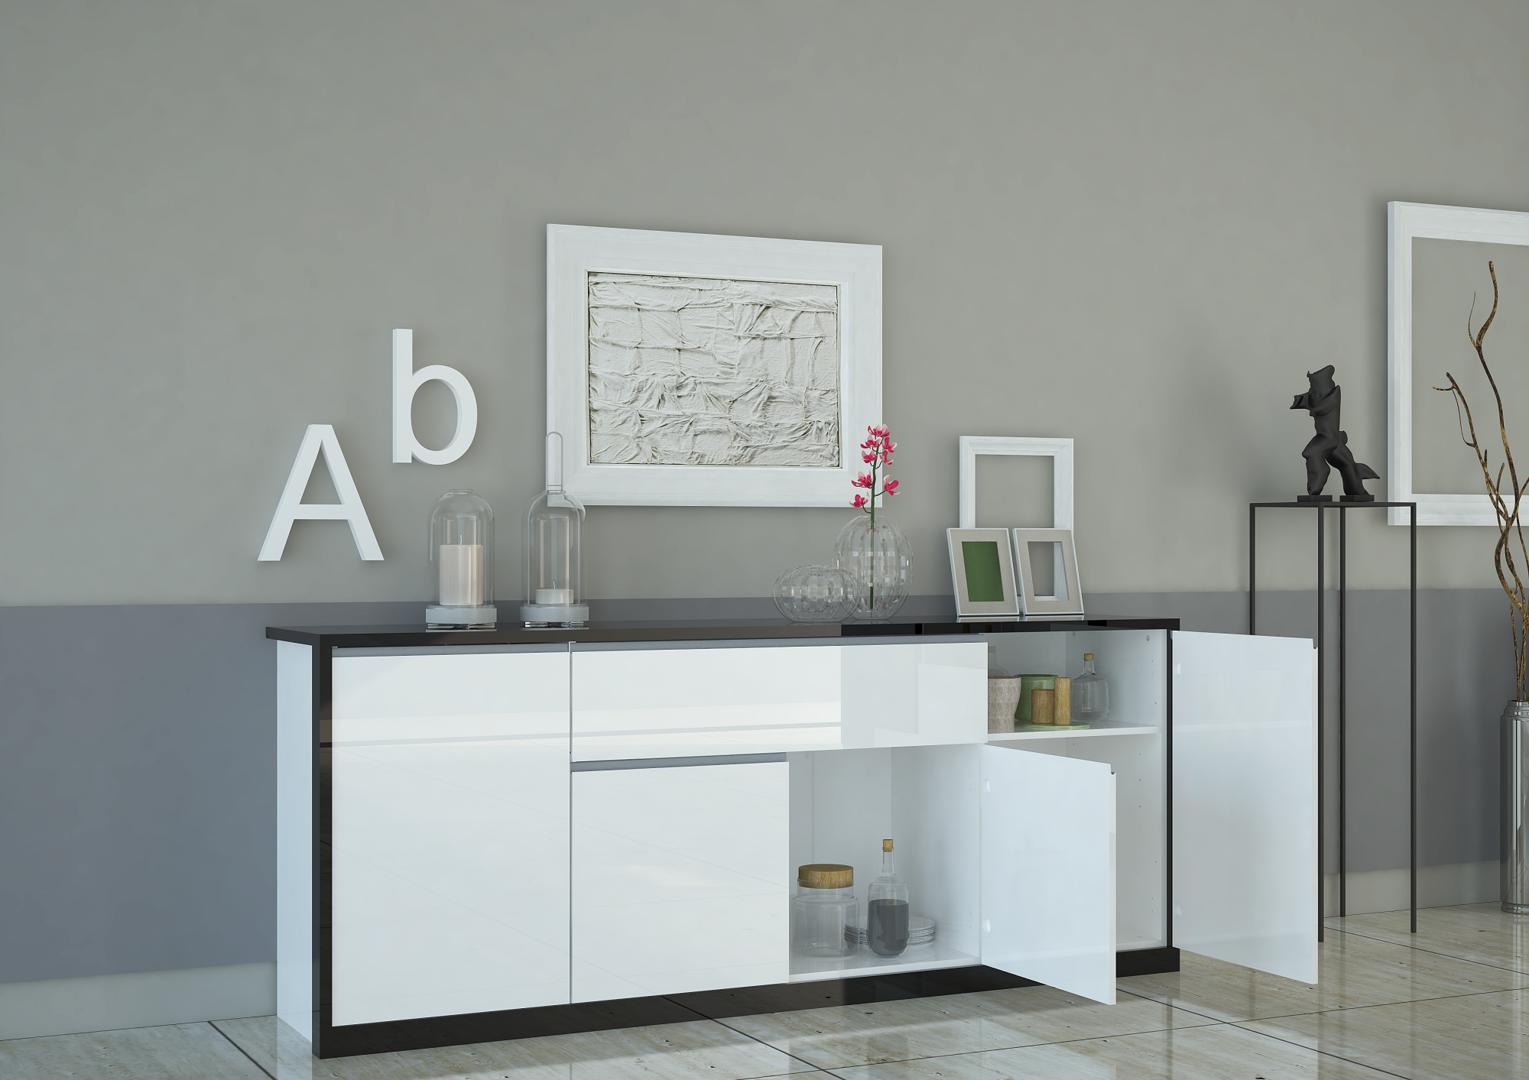 Madia bianca avana credenza moderna mobile soggiorno for Soggiorno moderno elegante